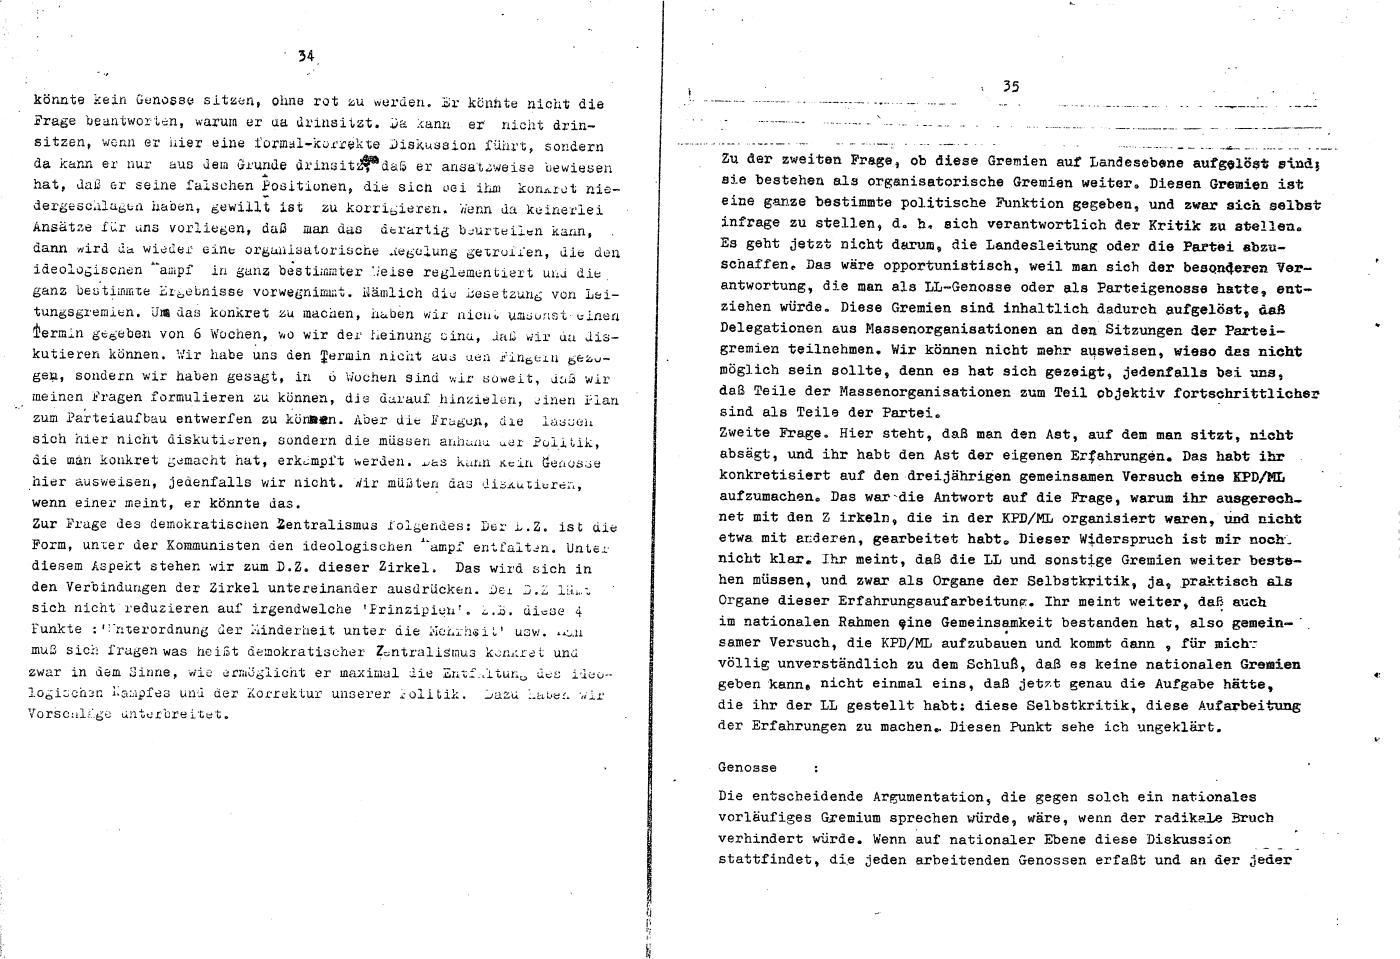 KPDML_1971_Wortprotokolle_aoPt_007